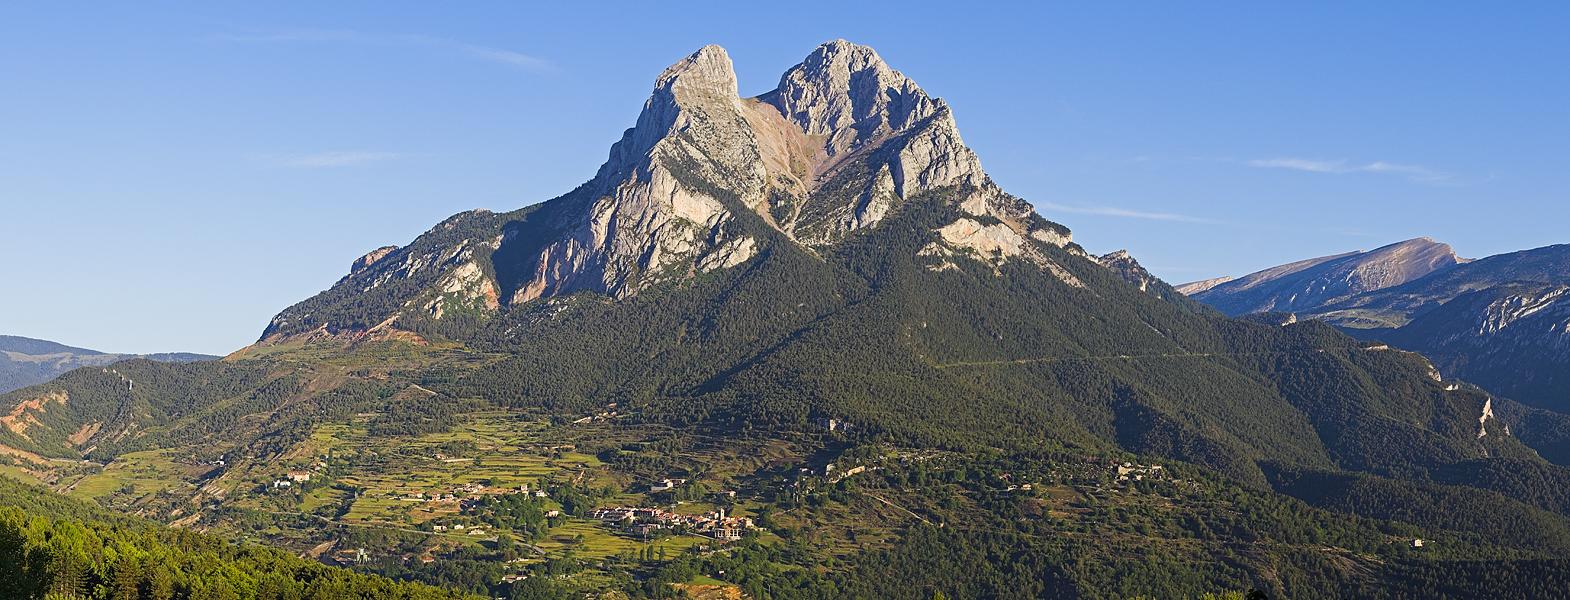 Berg in Katalonien